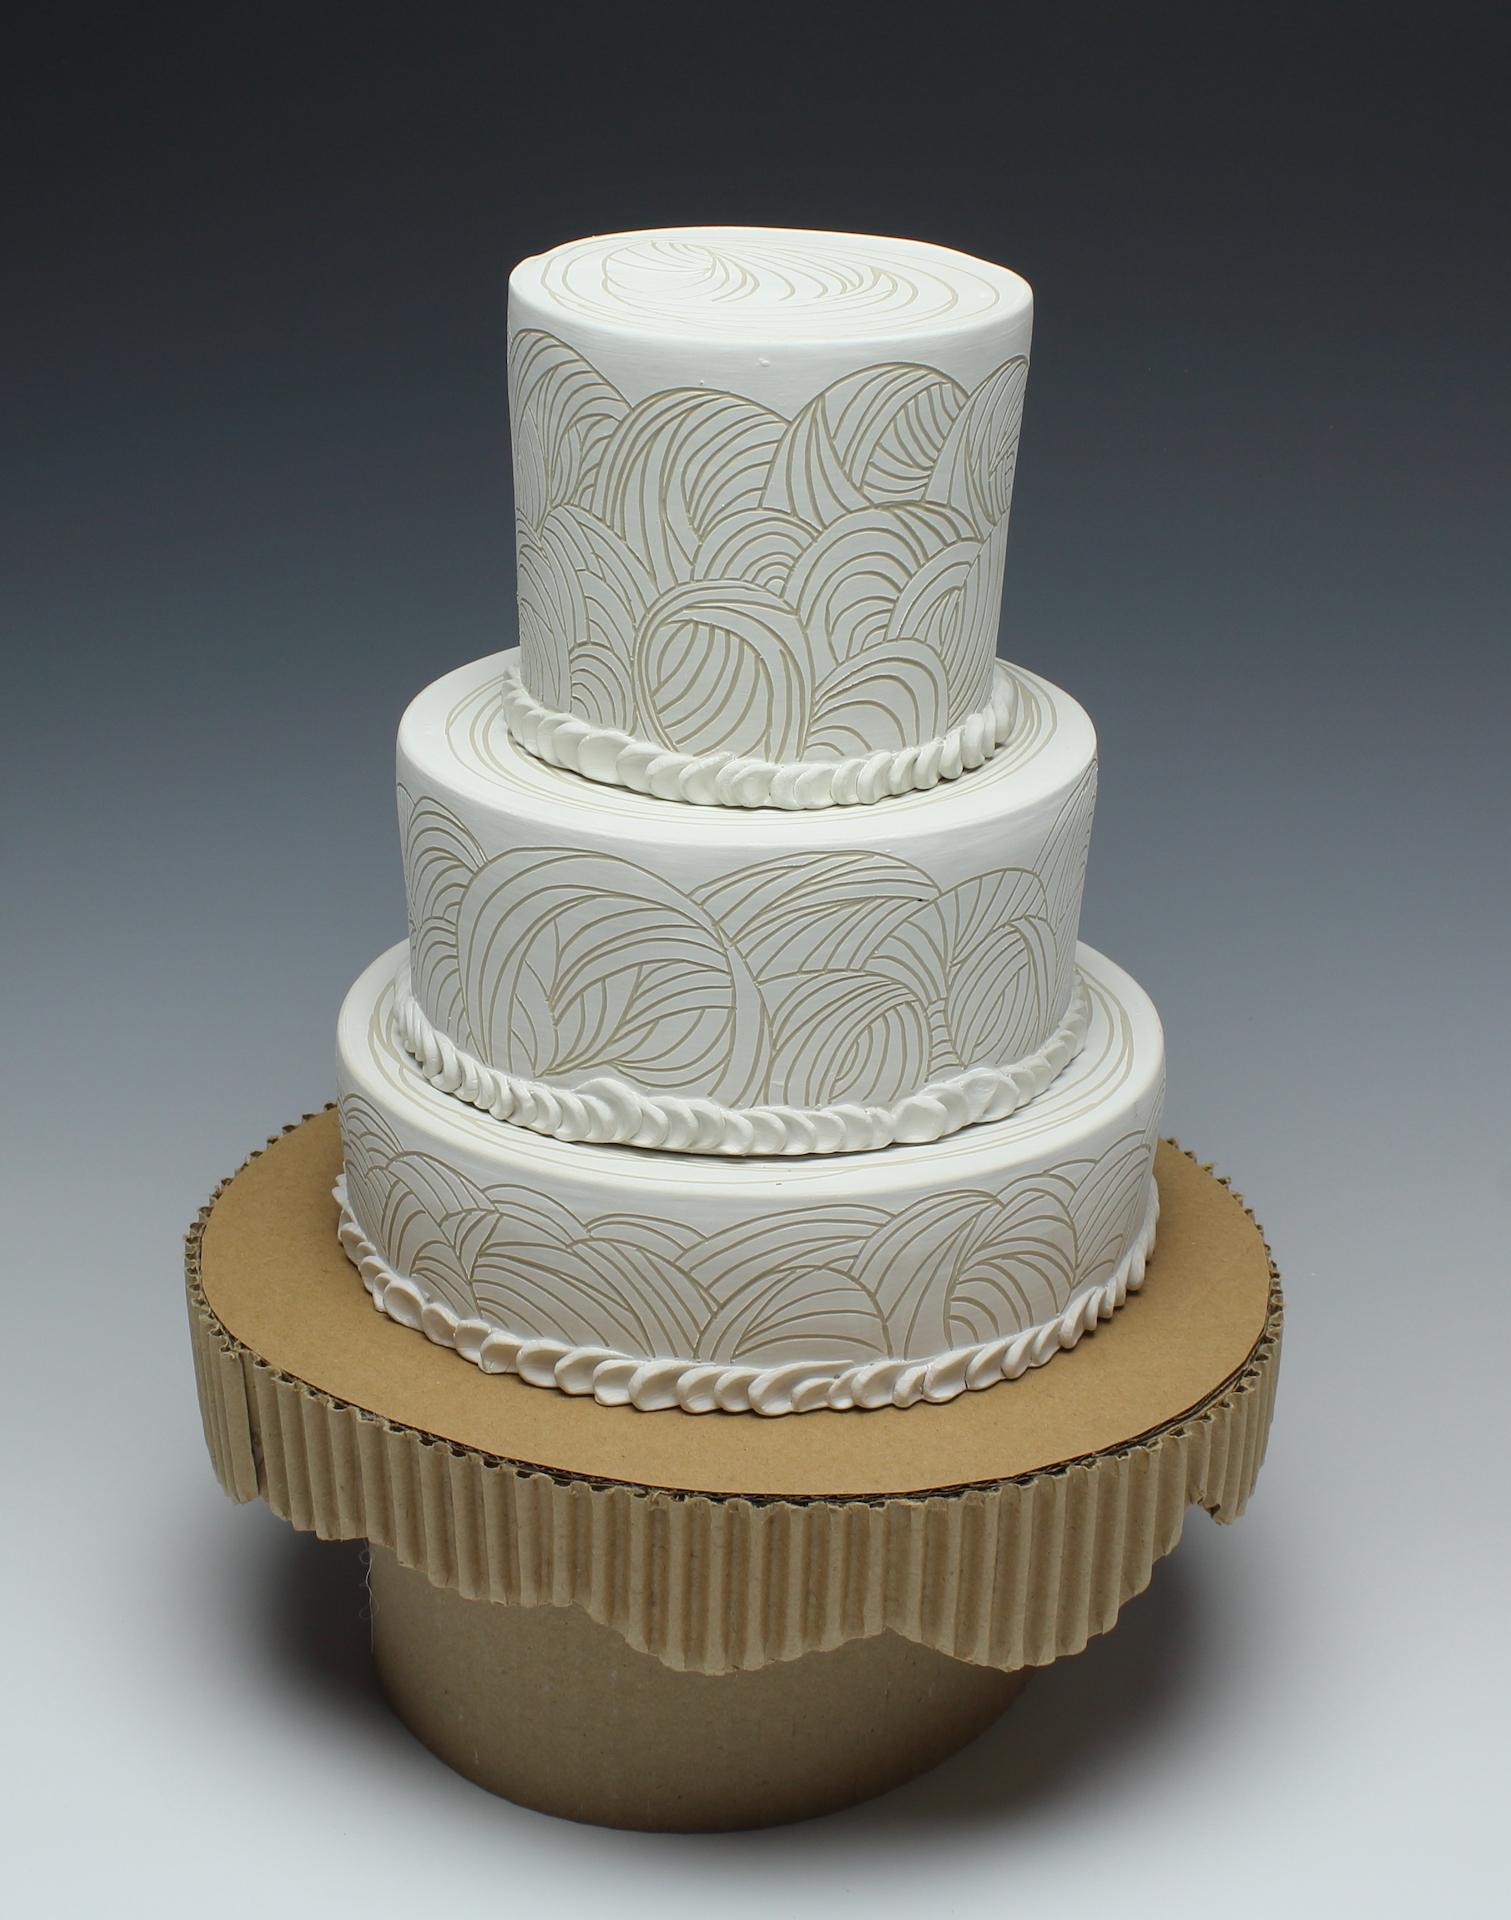 Coconut_Fluff_Cake_2.JPG